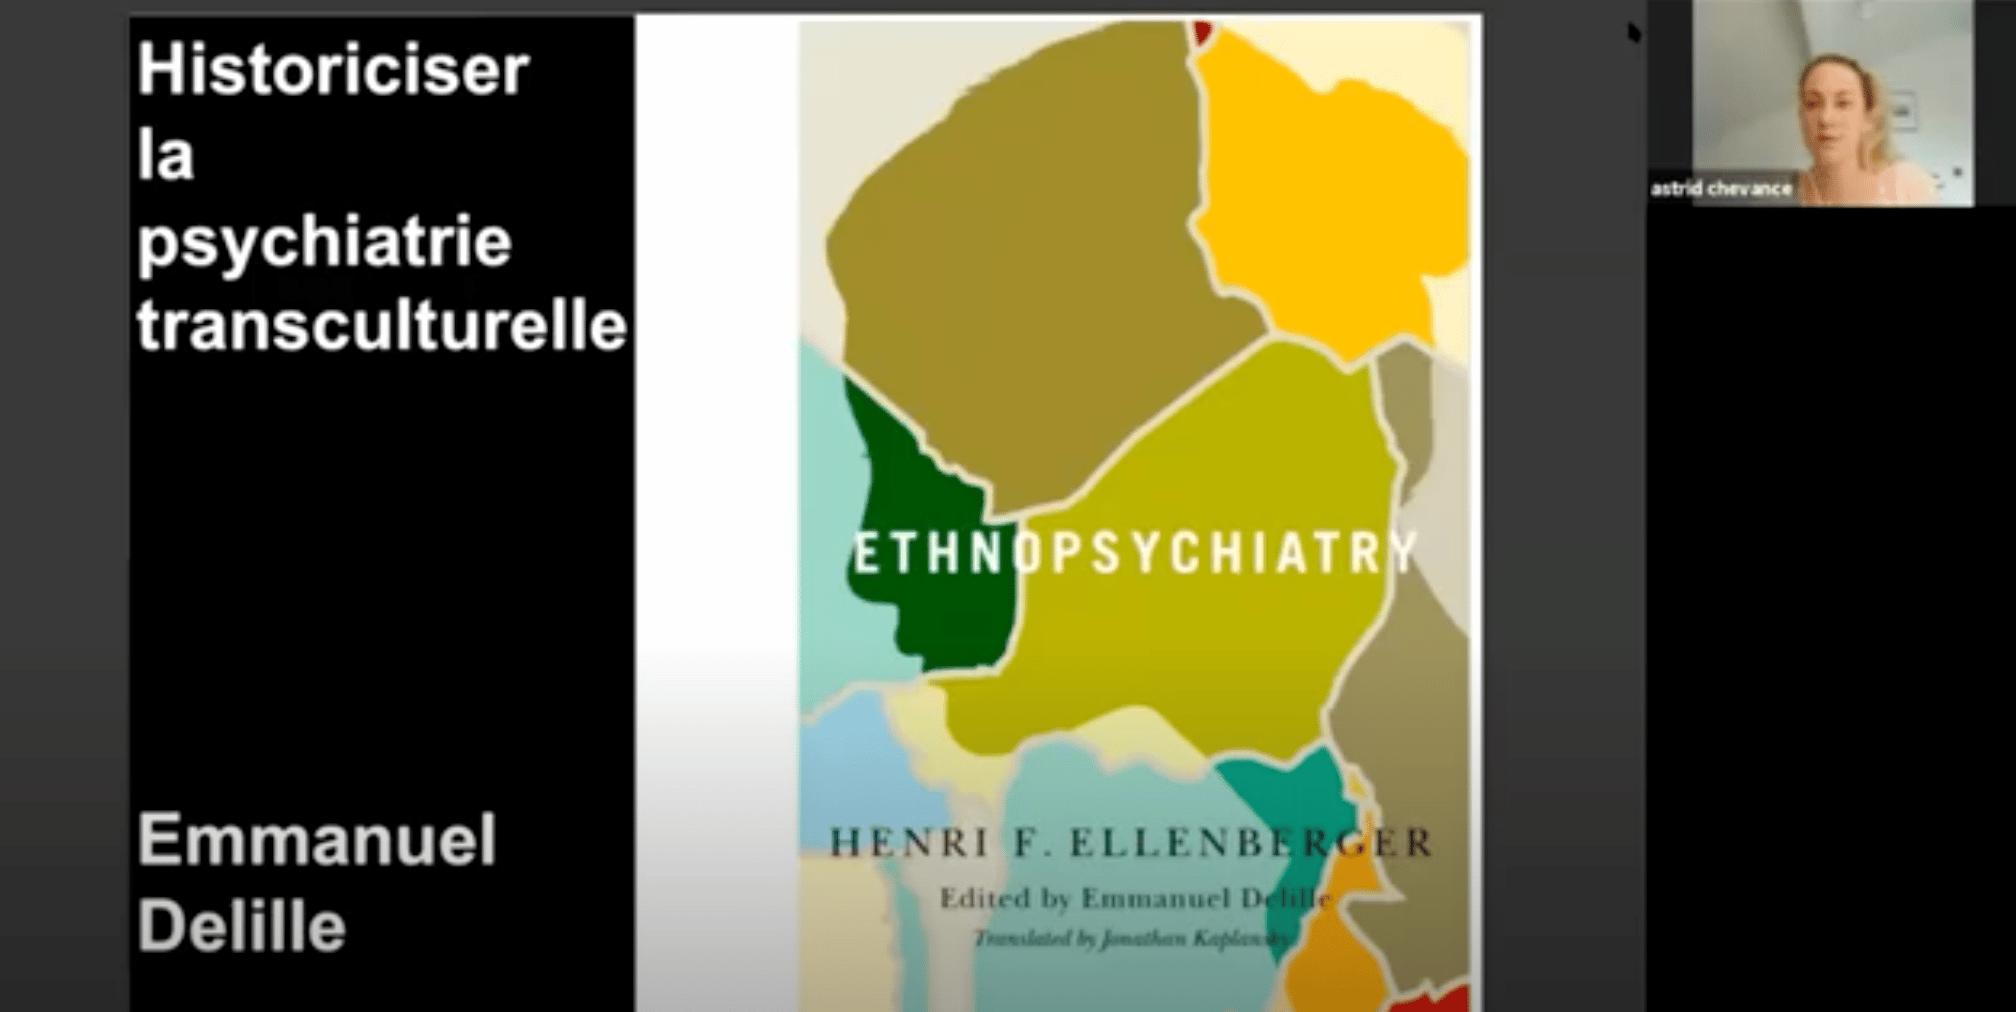 Emmanuel Delille – Historiciser la psychiatrie transculturelle